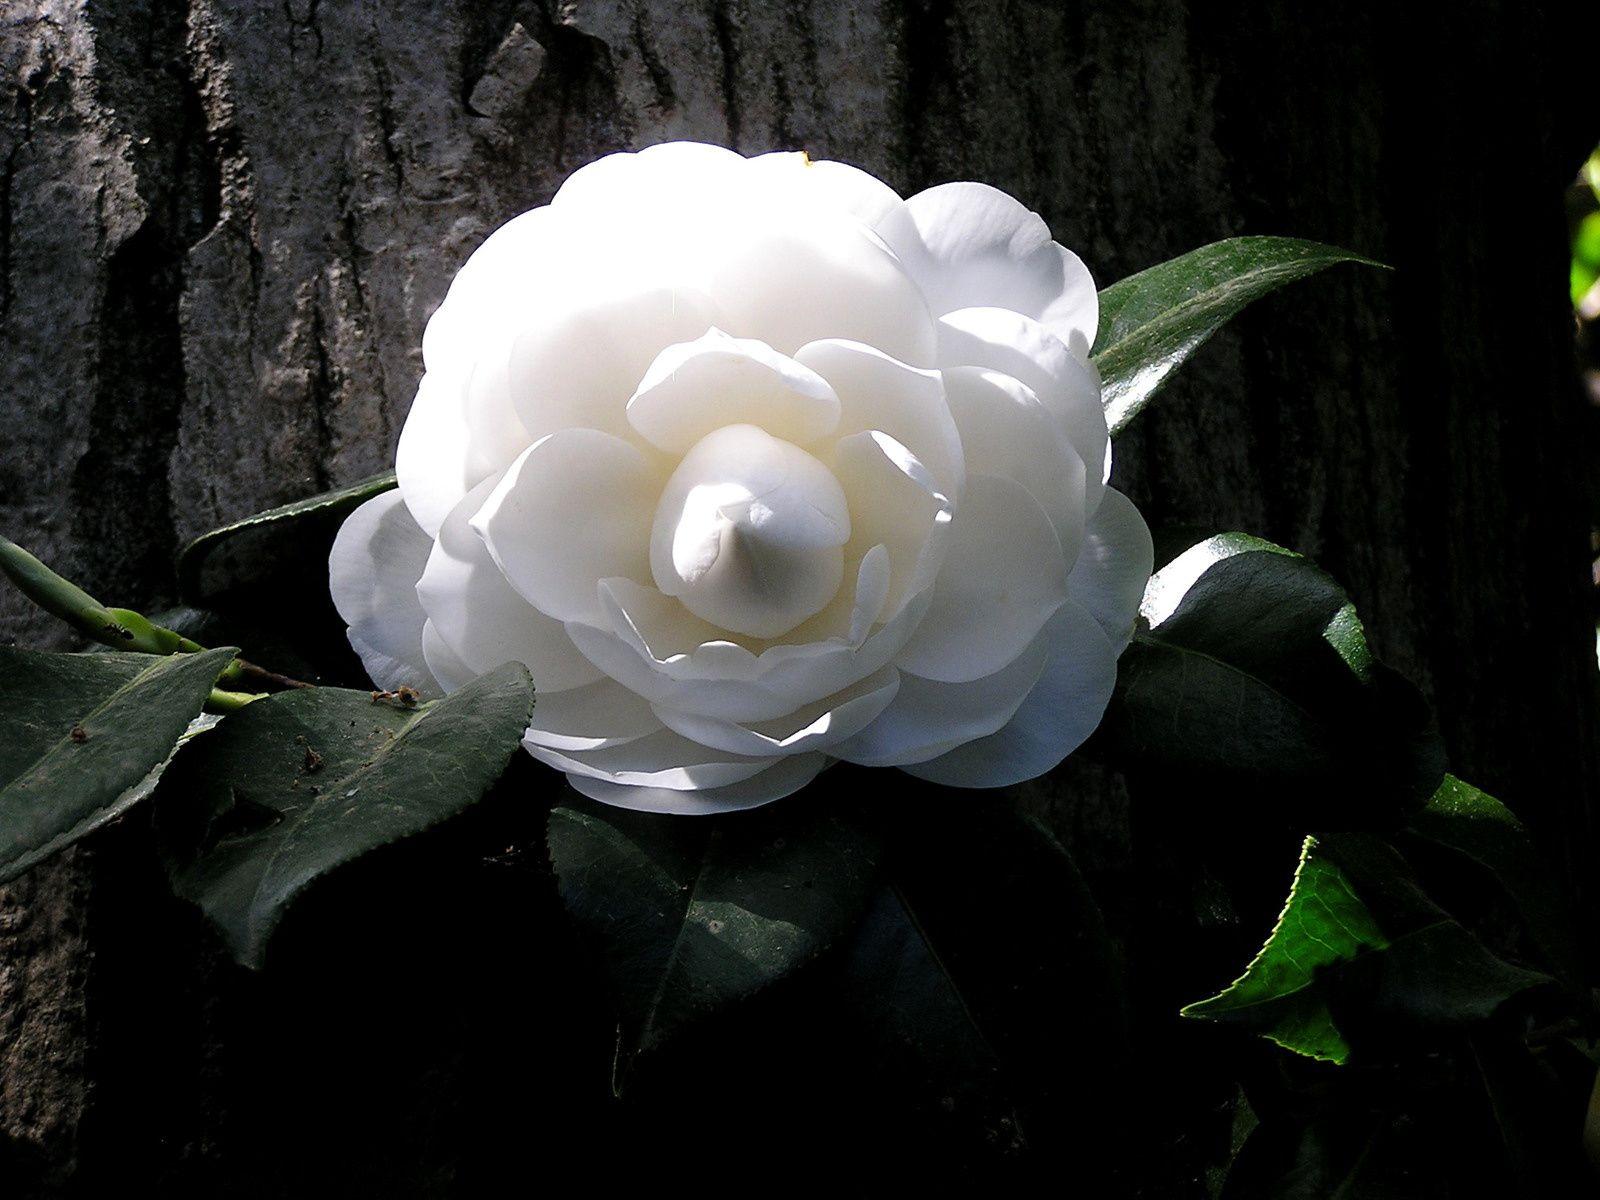 Lovée contre le tronc d'un arbre dont la circonférence est impréssionante une branche de camélia à choisi d'y prendre son appui, sa fleur préte à éclore laisse présager en son coeur un gros bouquet d'étamines